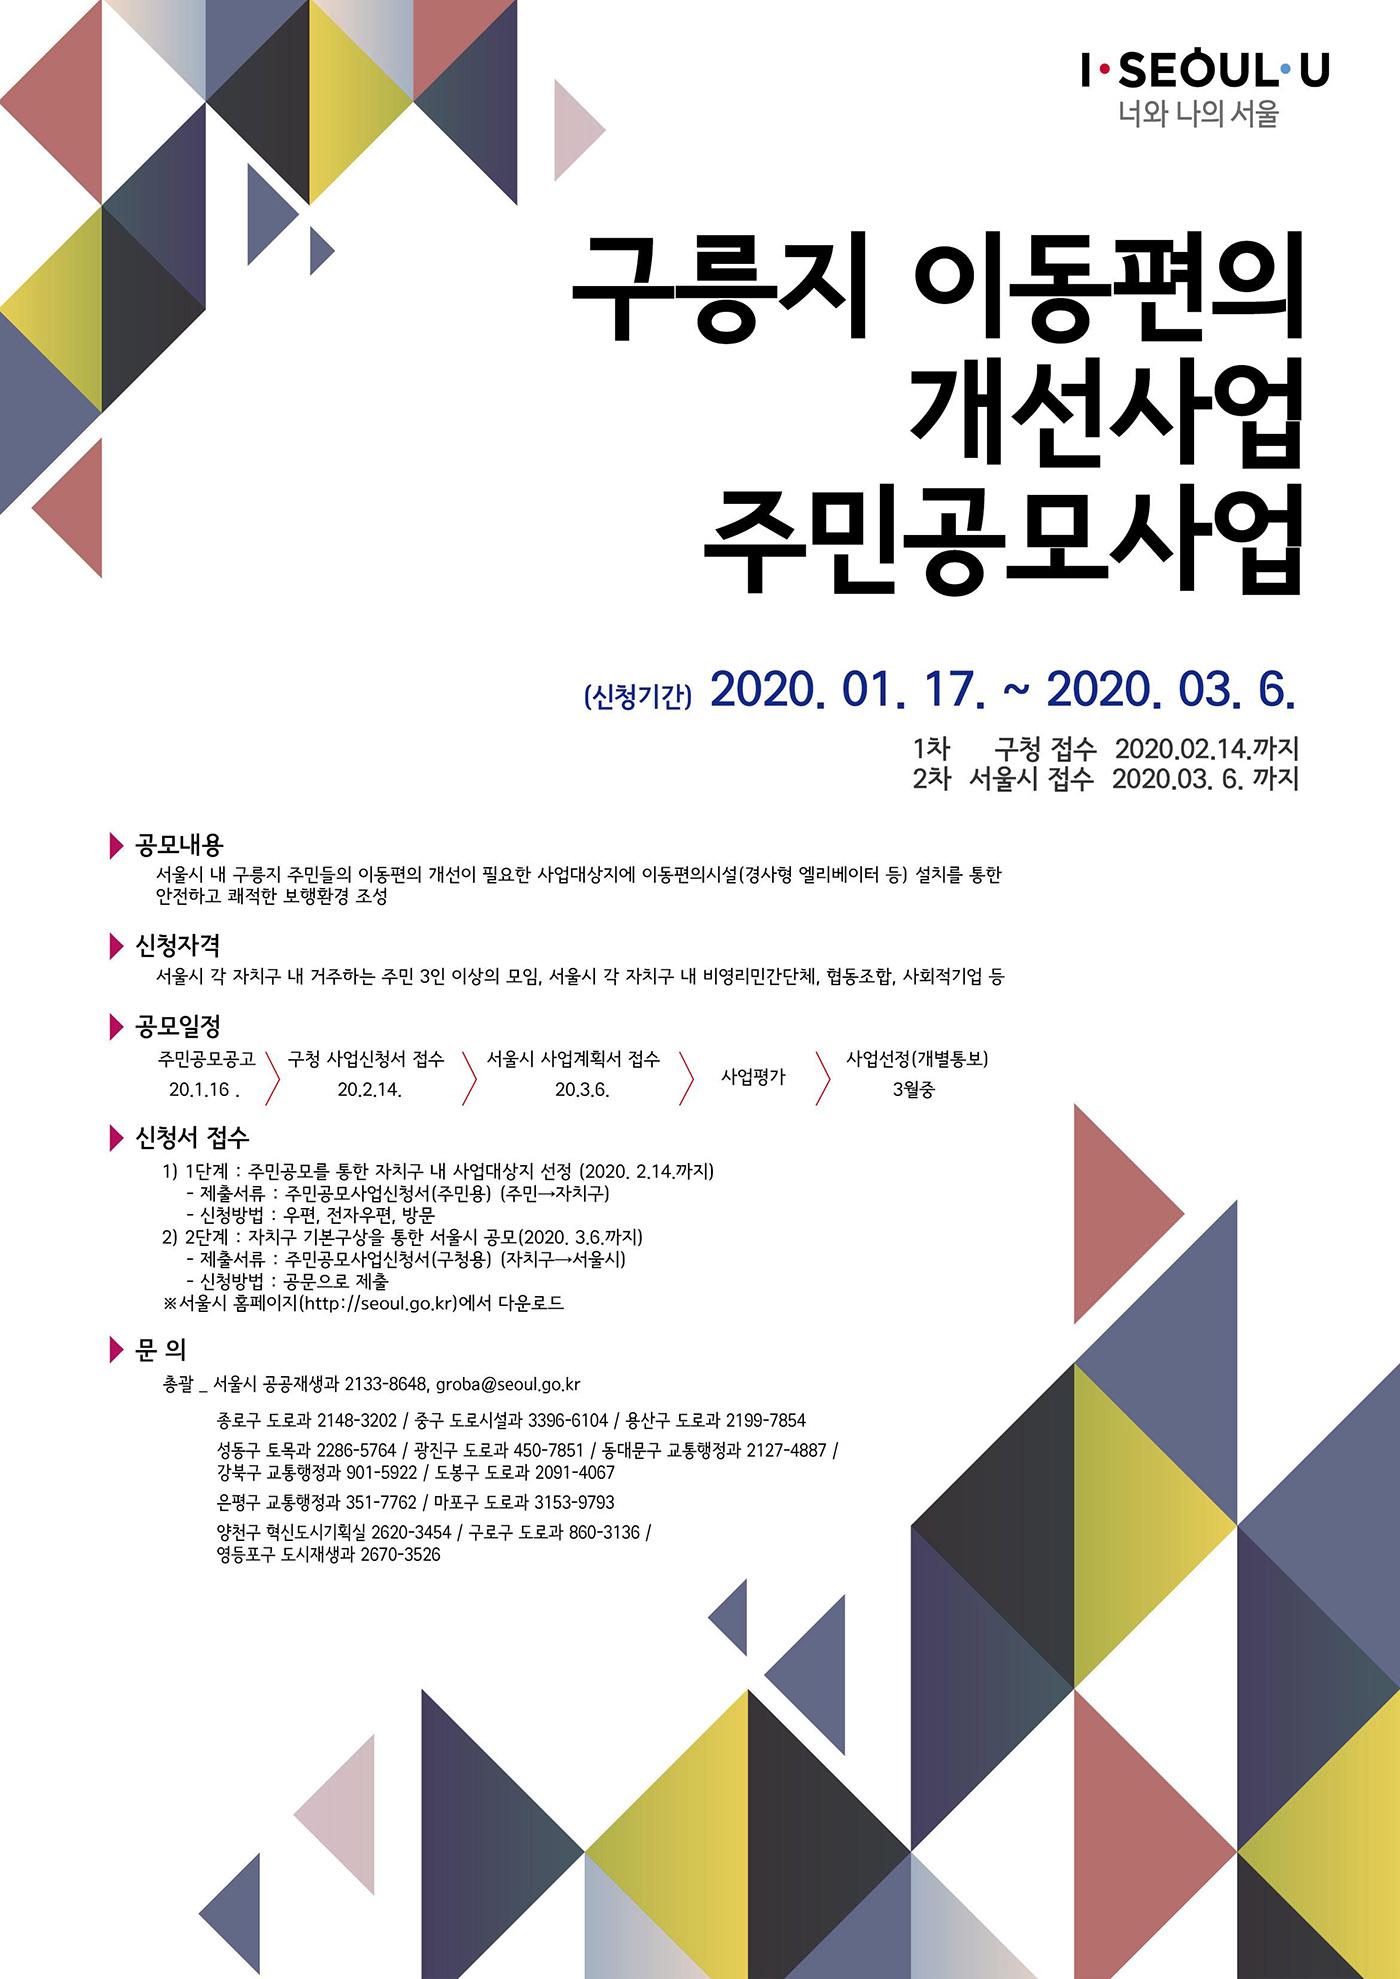 구릉지에 경사형 엘리베이터…서울시, 주민공모로 `신교통수단` 도입